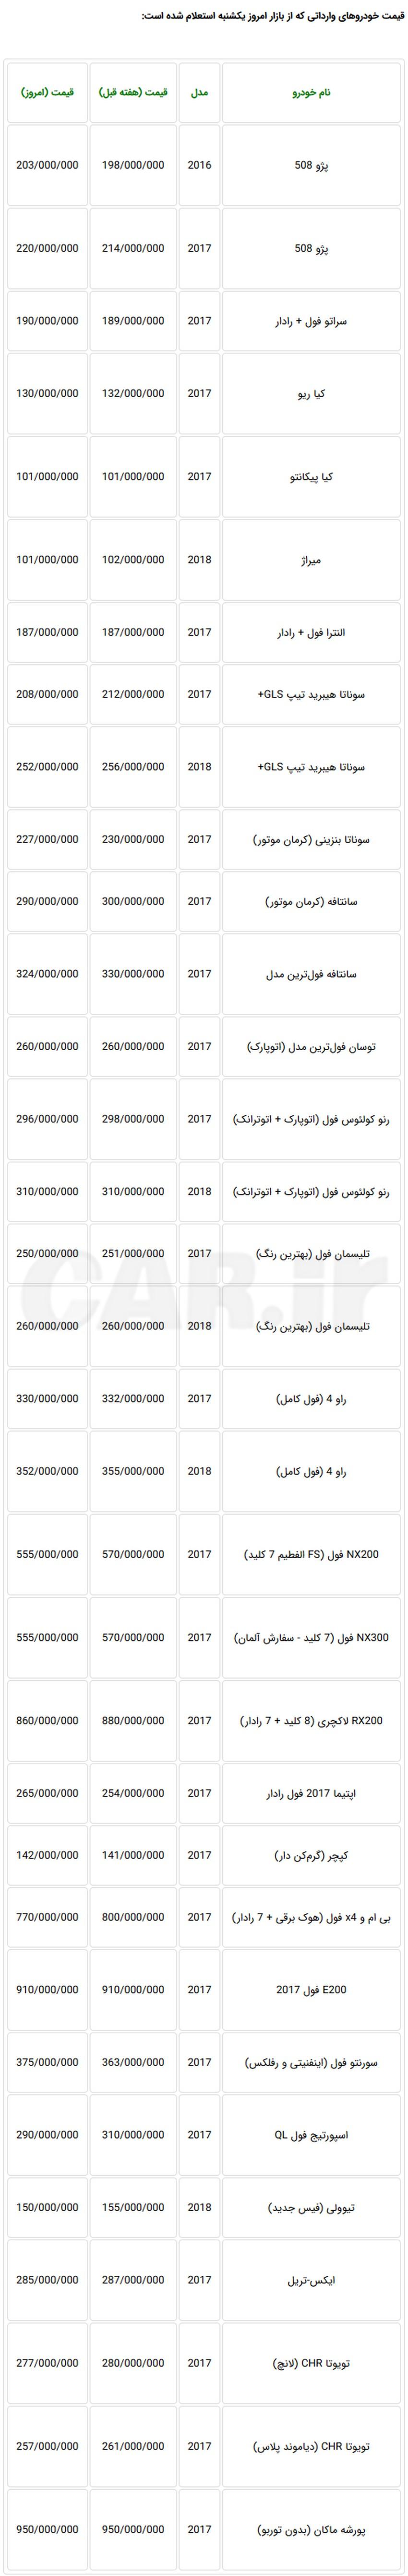 کاهش قیمت مجدد خودروهای وارداتی در بازار تهران + جدول